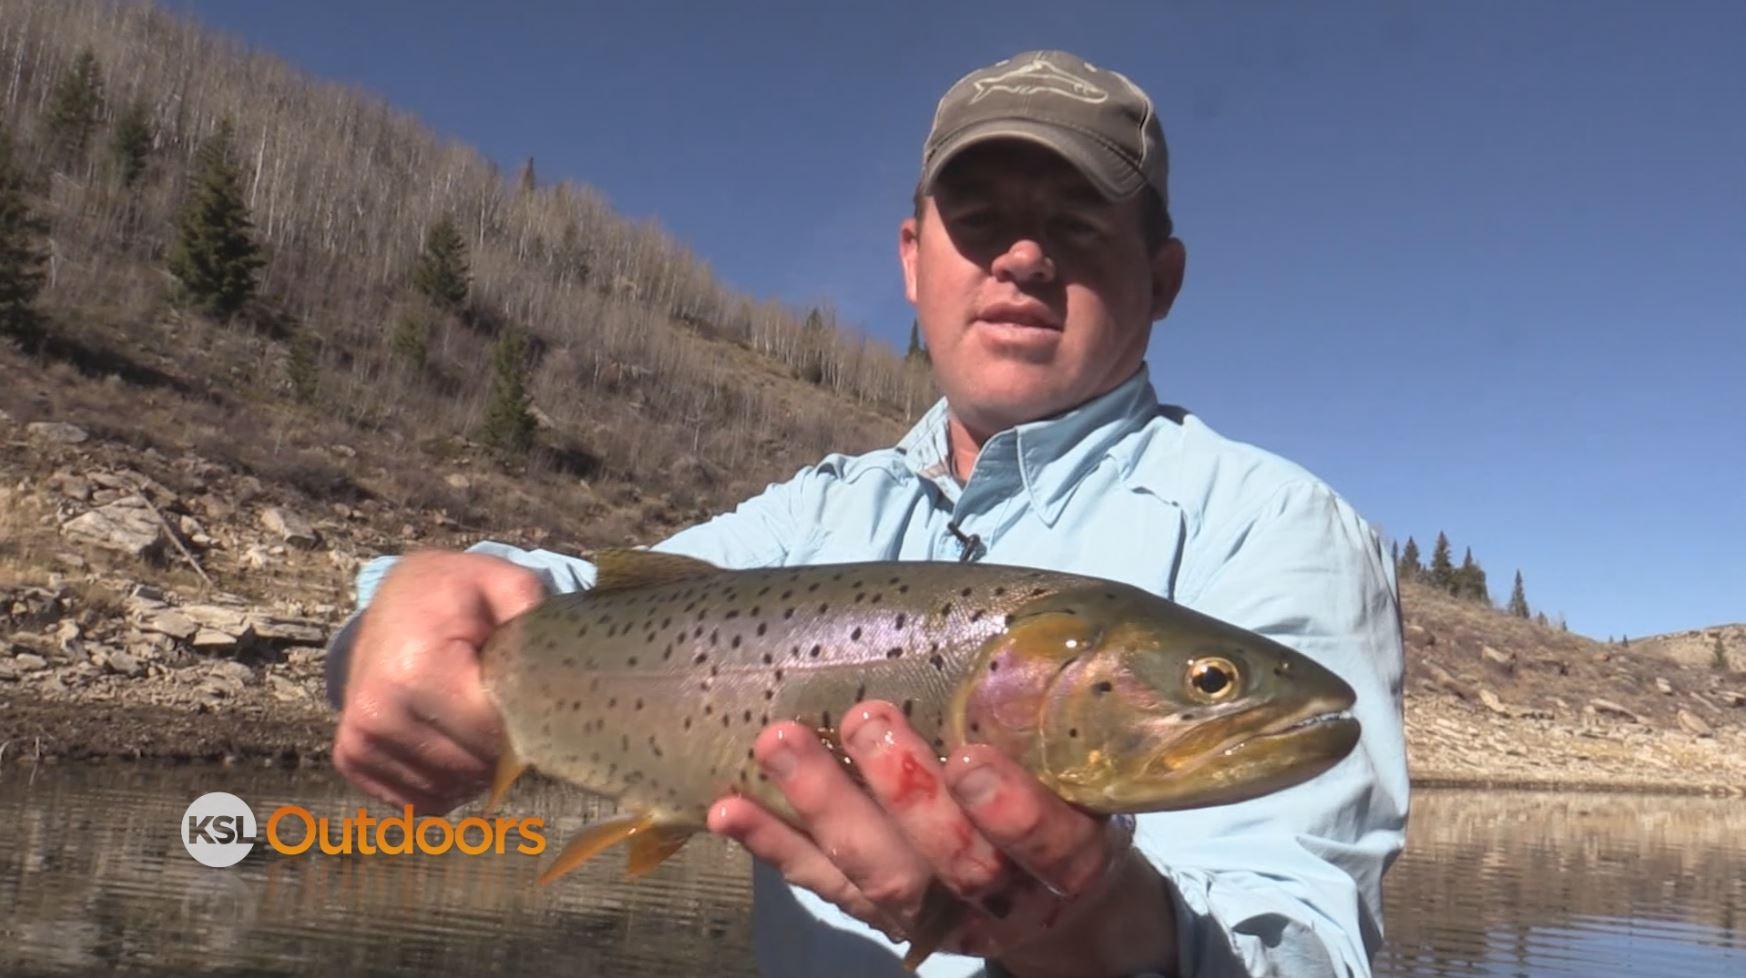 Ksl outdoors fall fishing at strawberry reservoir and for Strawberry reservoir fishing